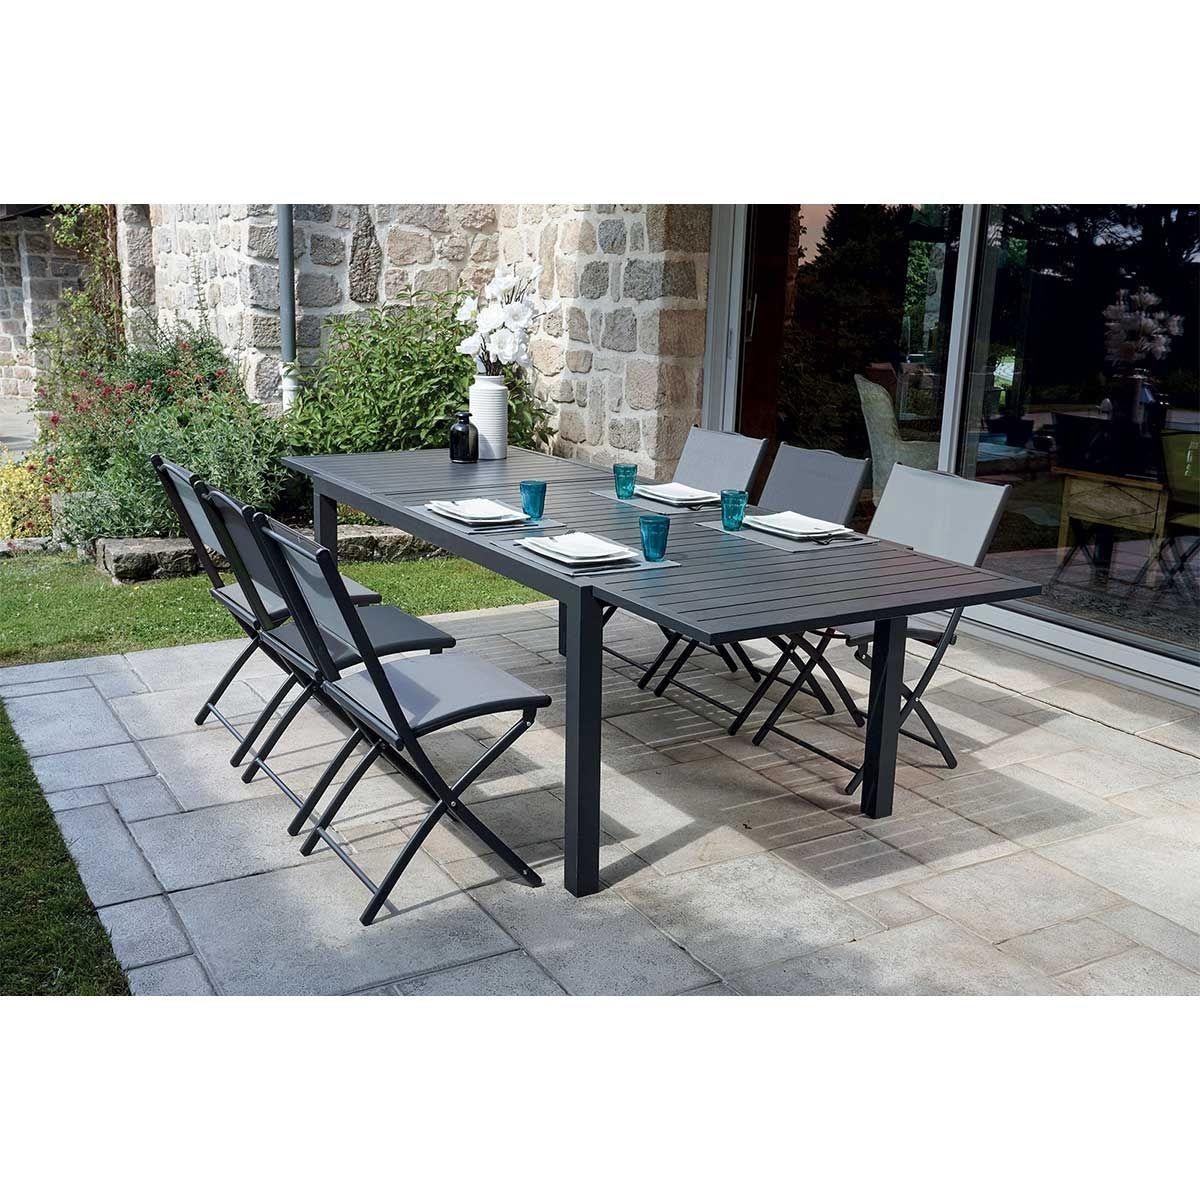 Ensemble de jardin avec table à rallonge et chaises pliantes